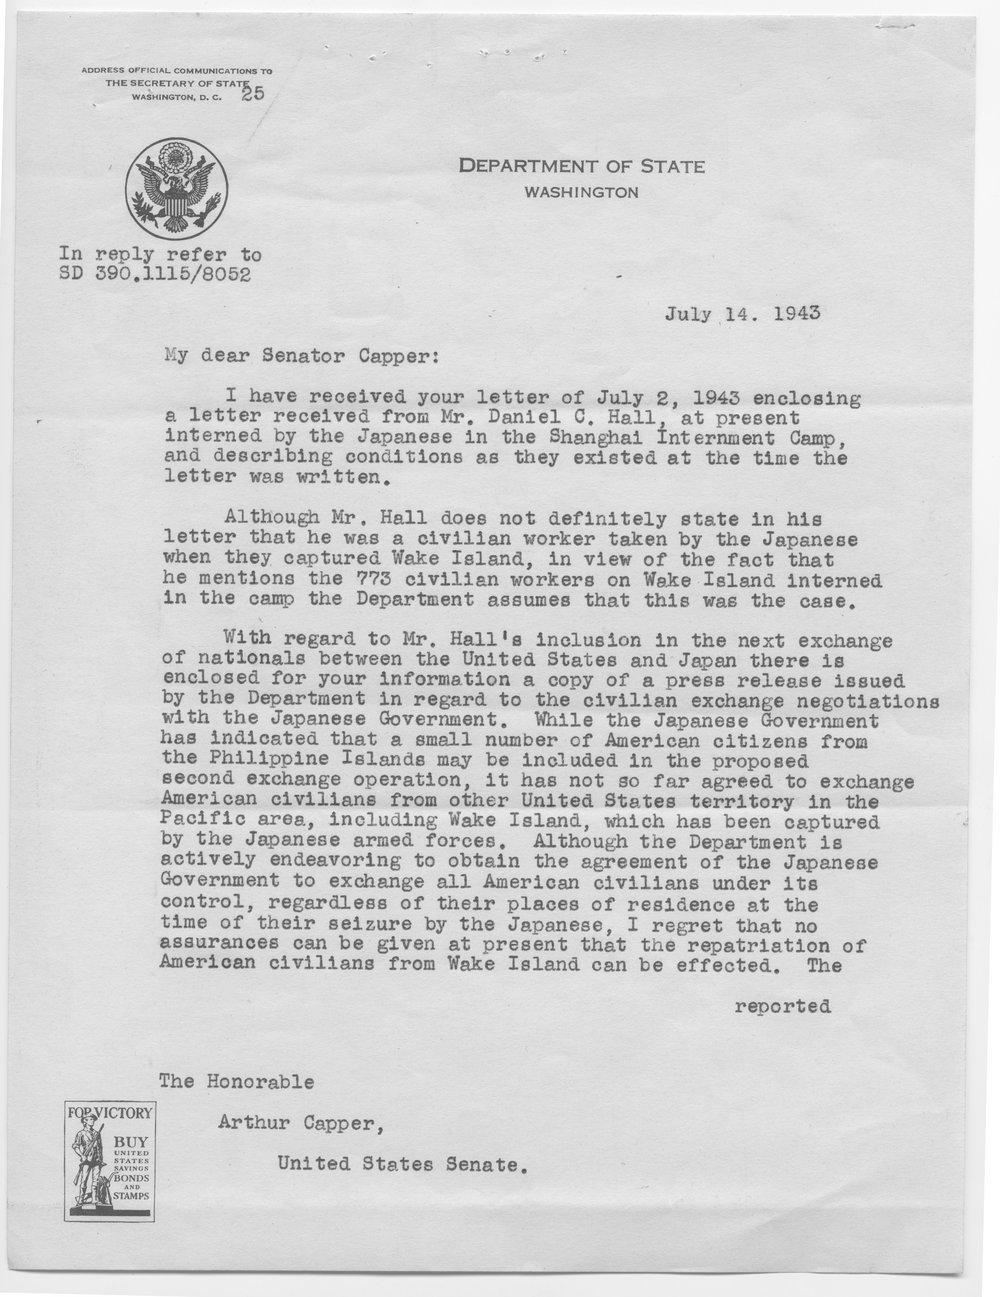 Cordell Hull to Senator Arthur Capper - 1